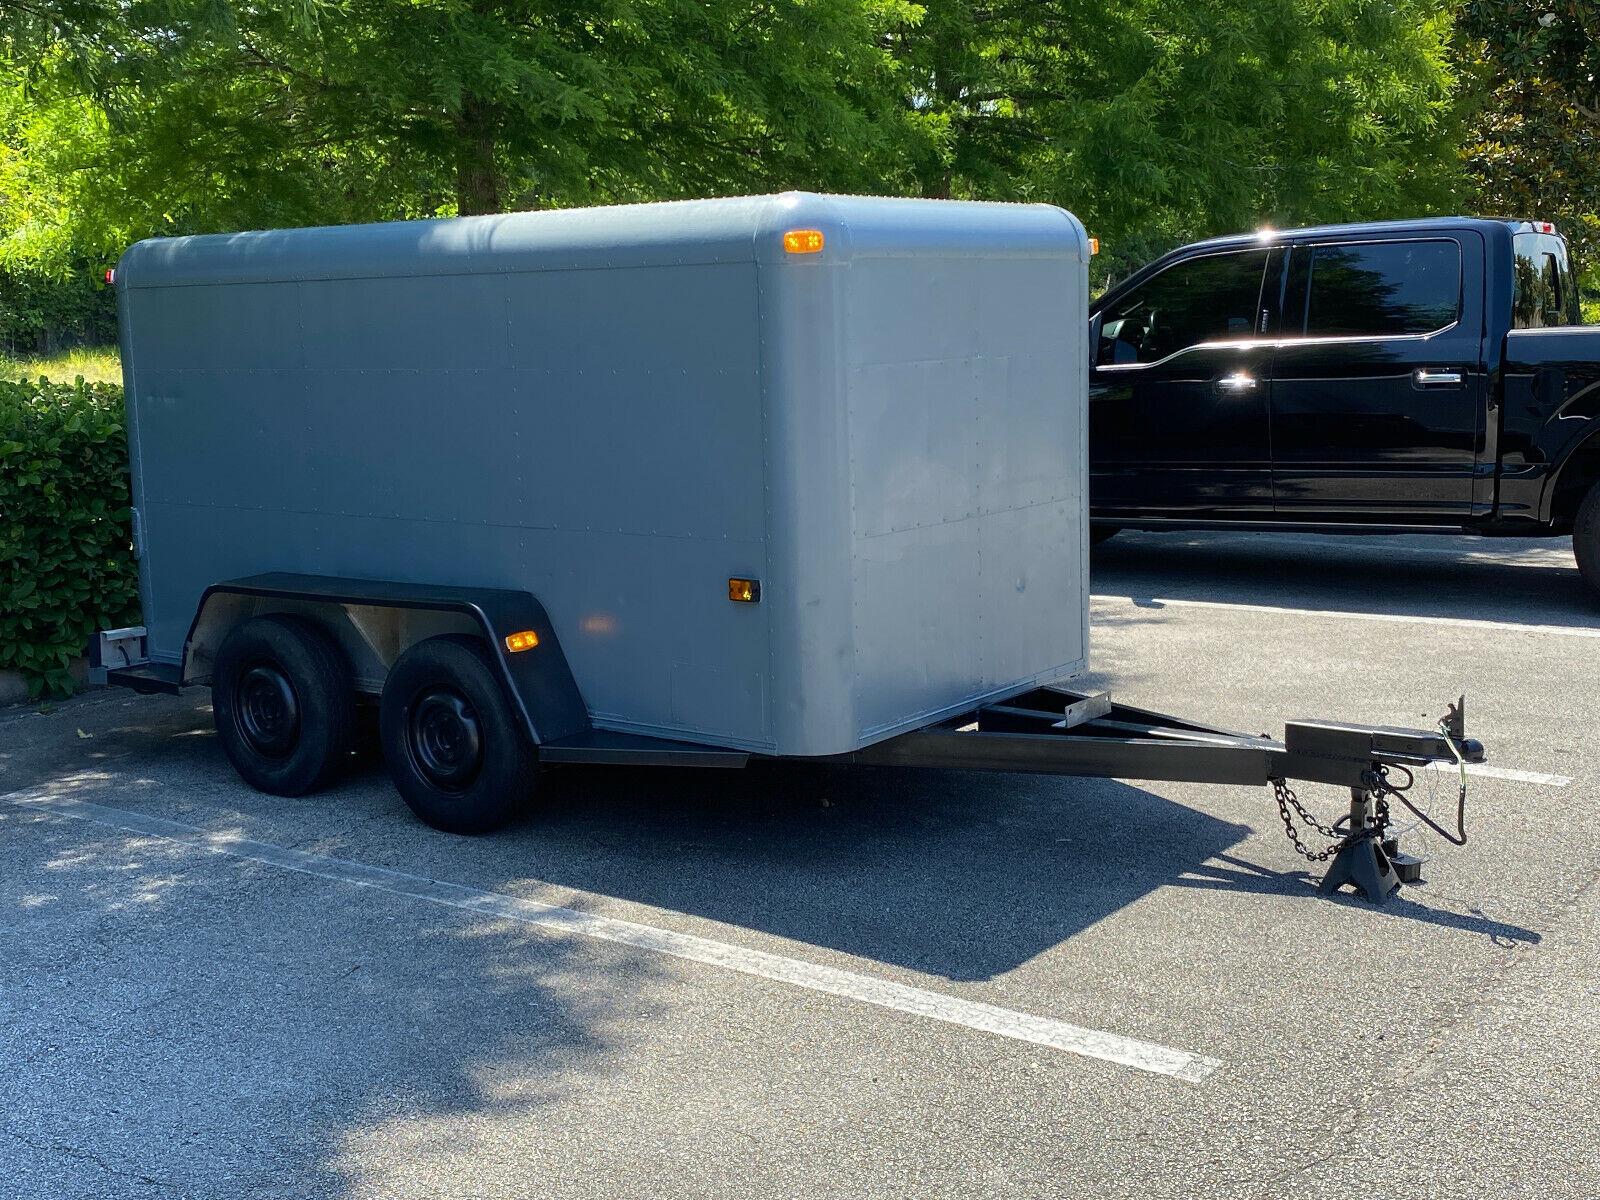 5x10 Enclosed Cargo Trailer Aluminum Heavy Duty Tandem Dual Axles w/ Barn Doors